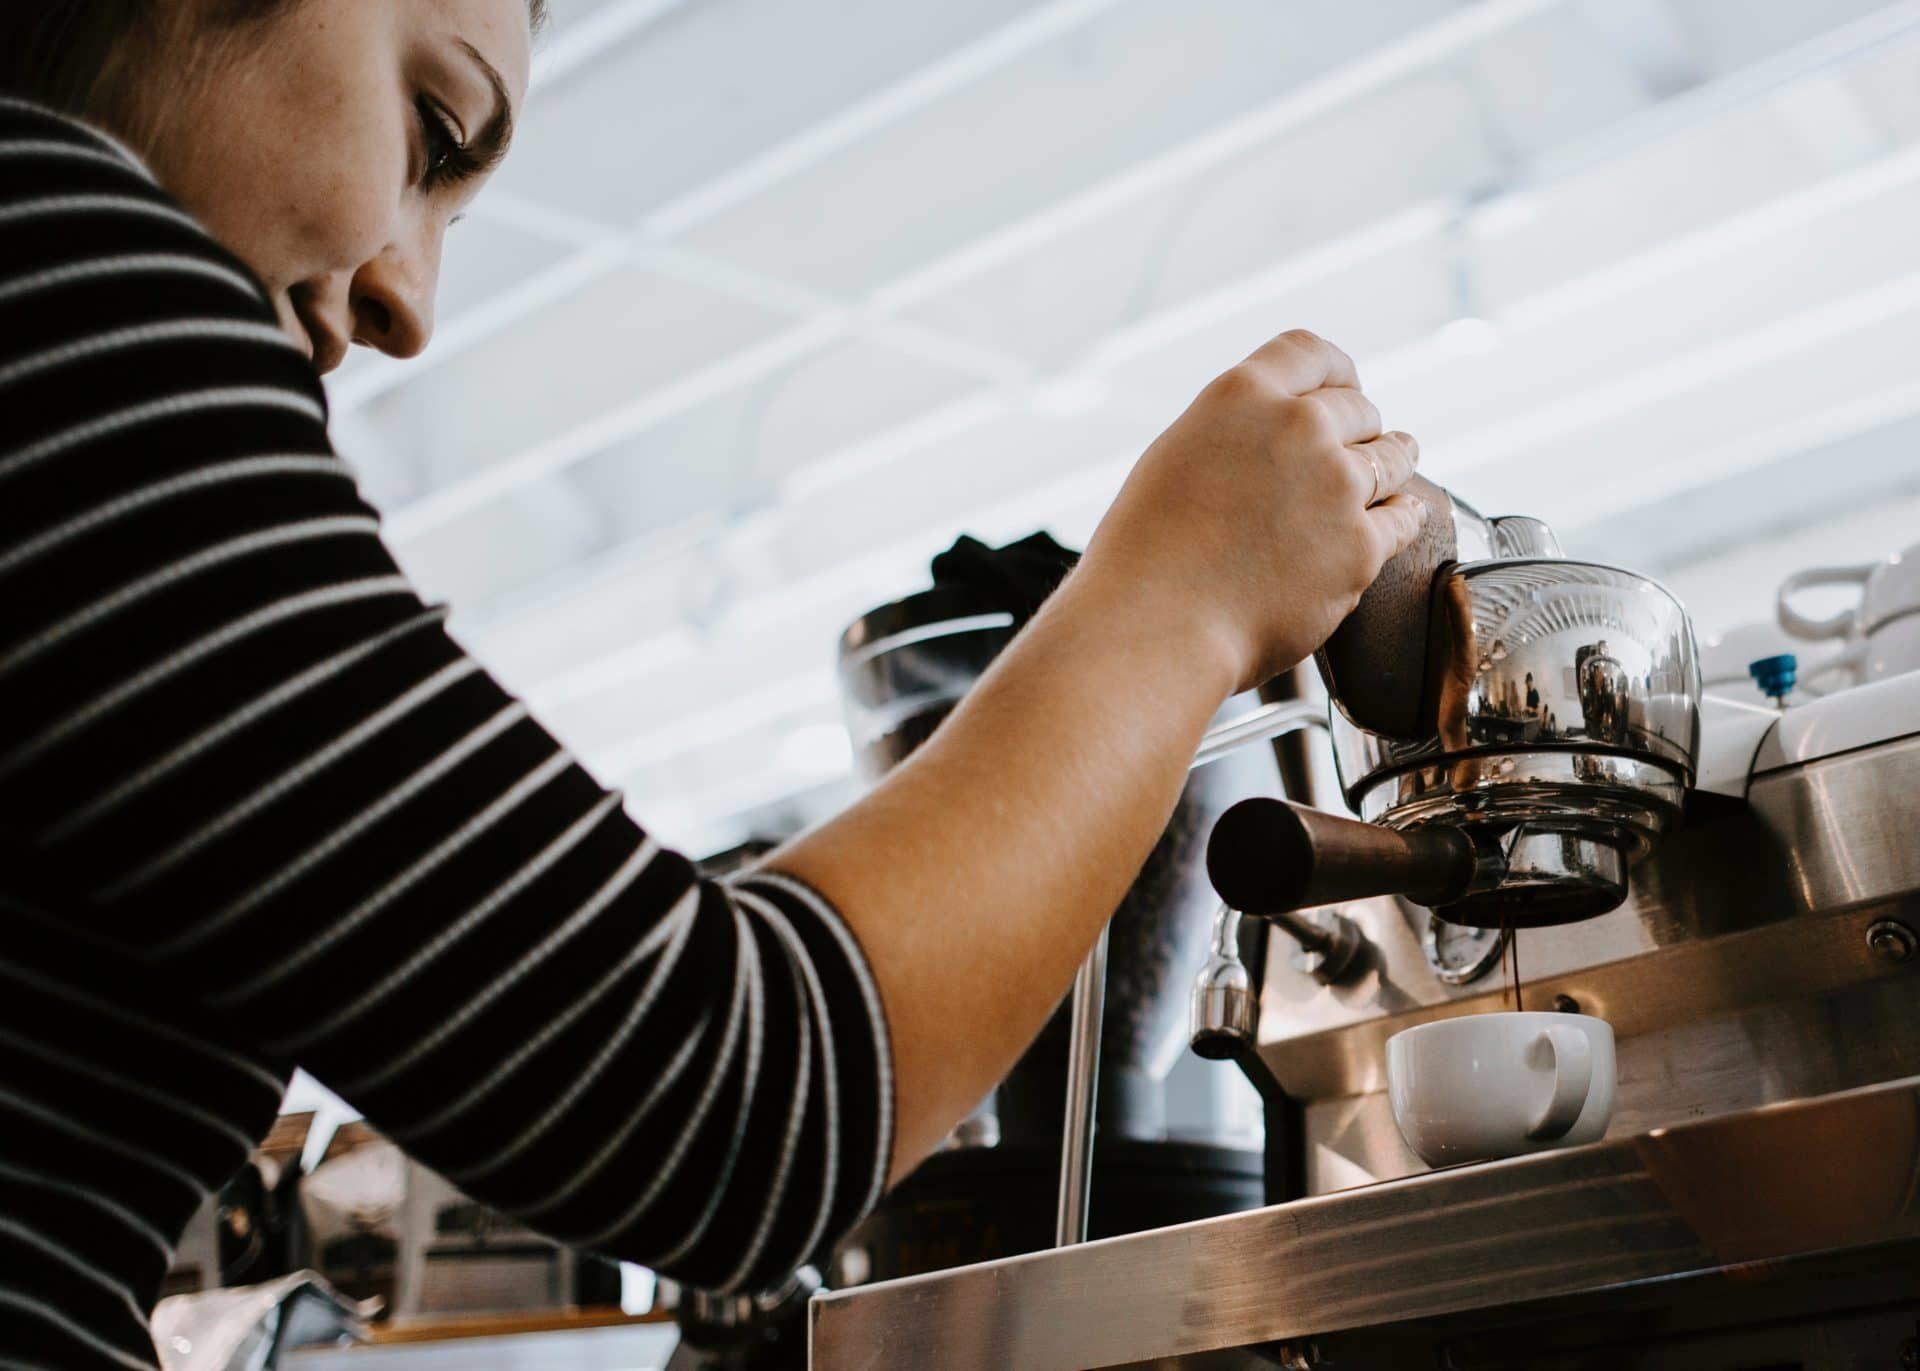 Interview Preparation, Independent coffee shop in Brighton